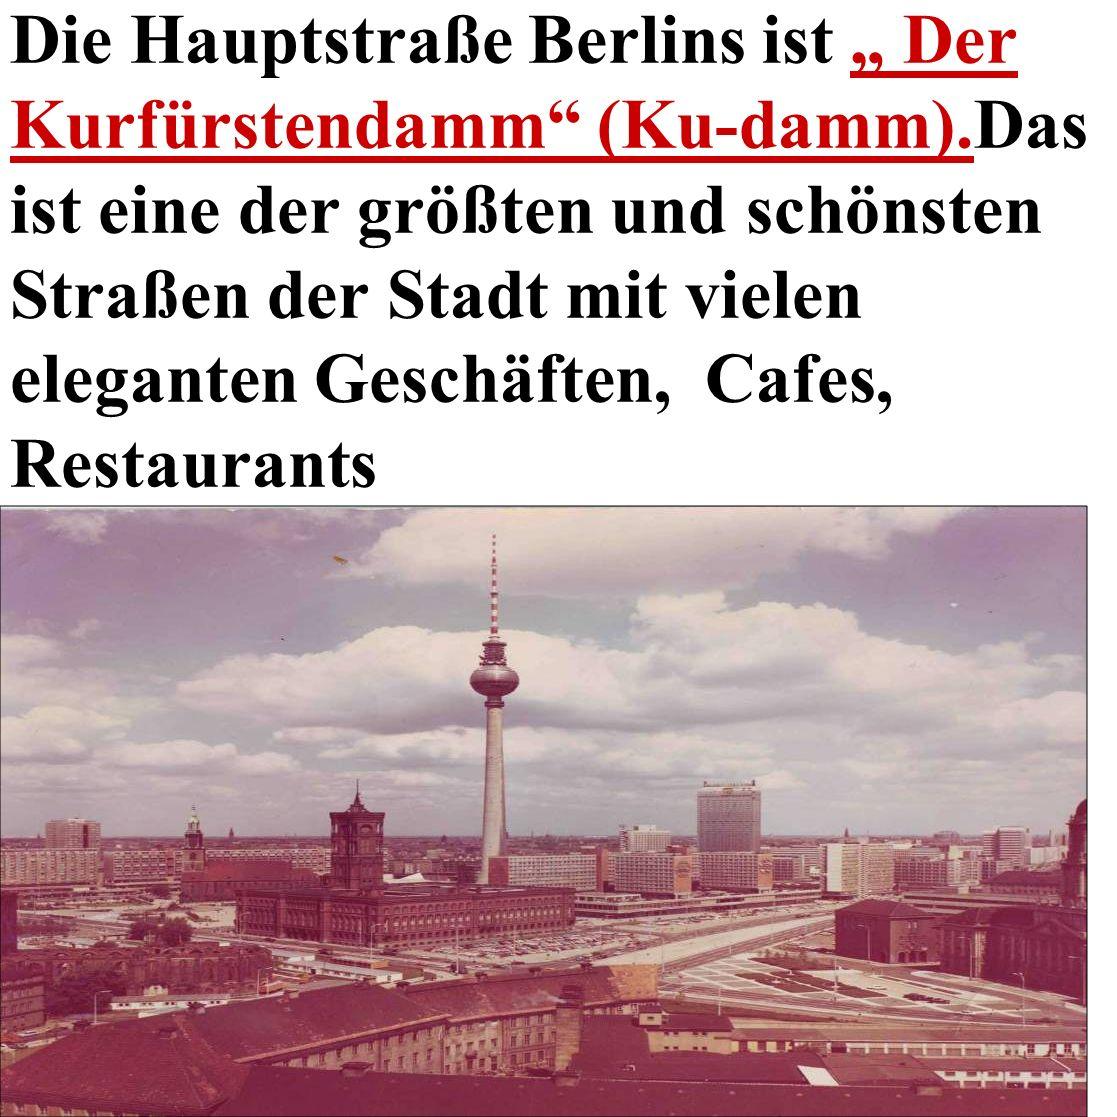 Die Hauptstraße Berlins ist Der Kurfürstendamm (Ku-damm).Das ist eine der größten und schönsten Straßen der Stadt mit vielen eleganten Geschäften, Caf